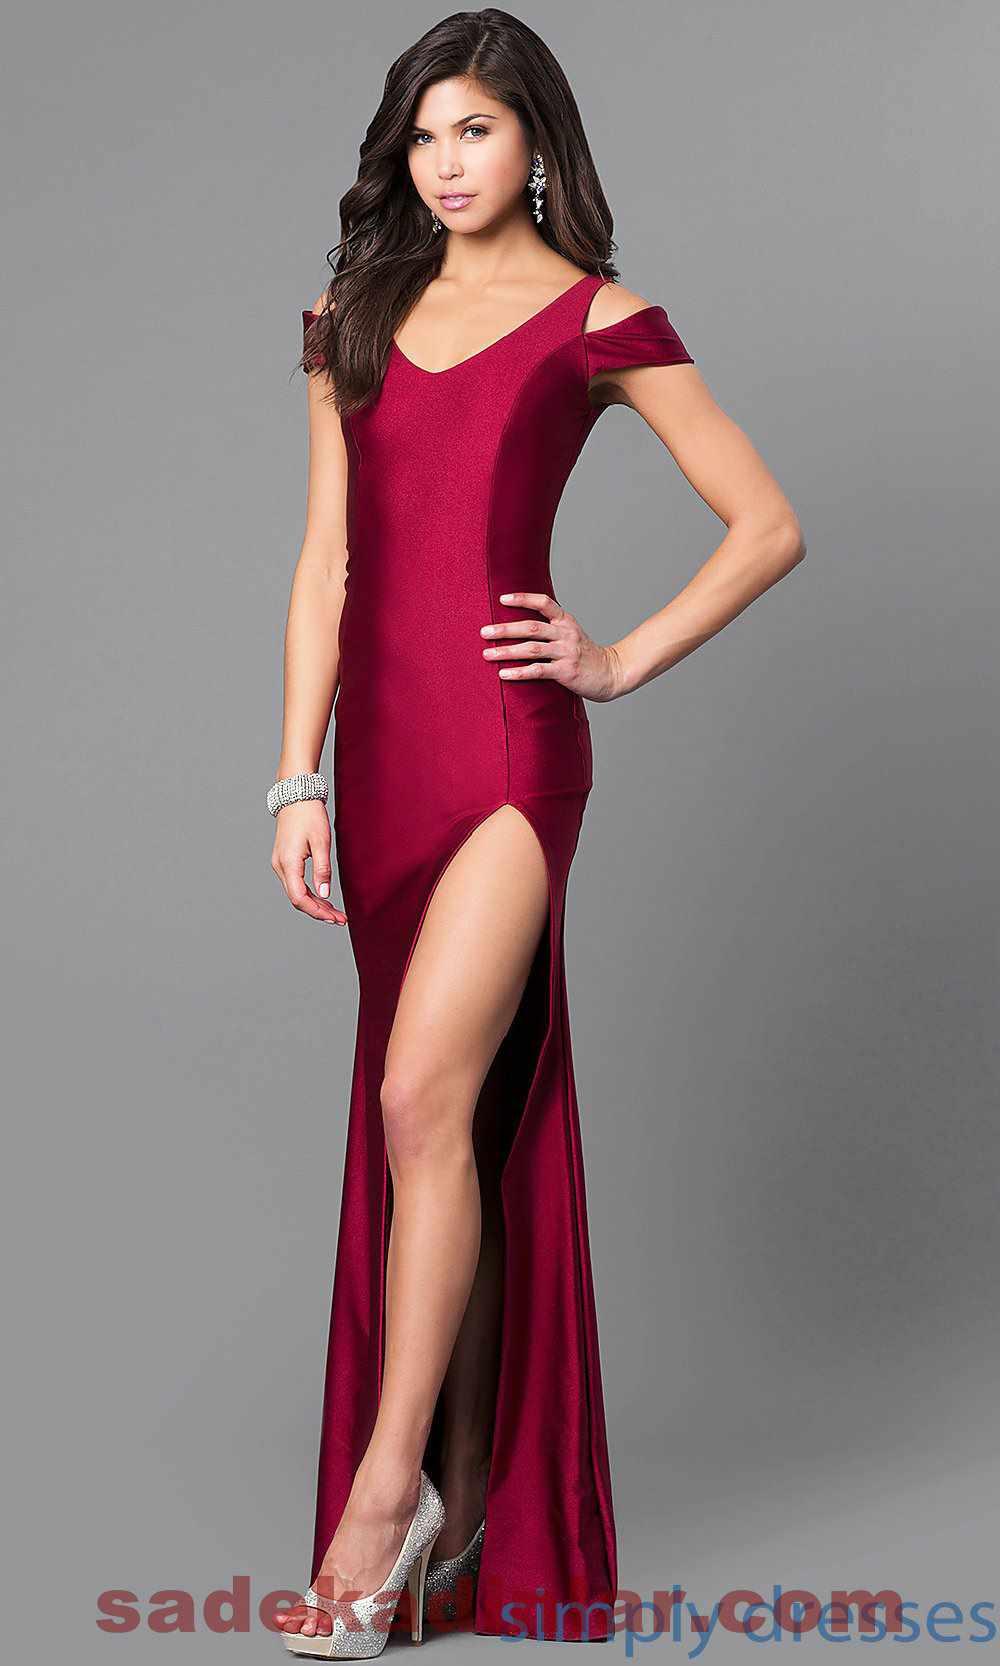 d836523fdfd8f 2019 Abiye Modelleri Son Moda Gece Elbiseleri | SadeKadınlar ...